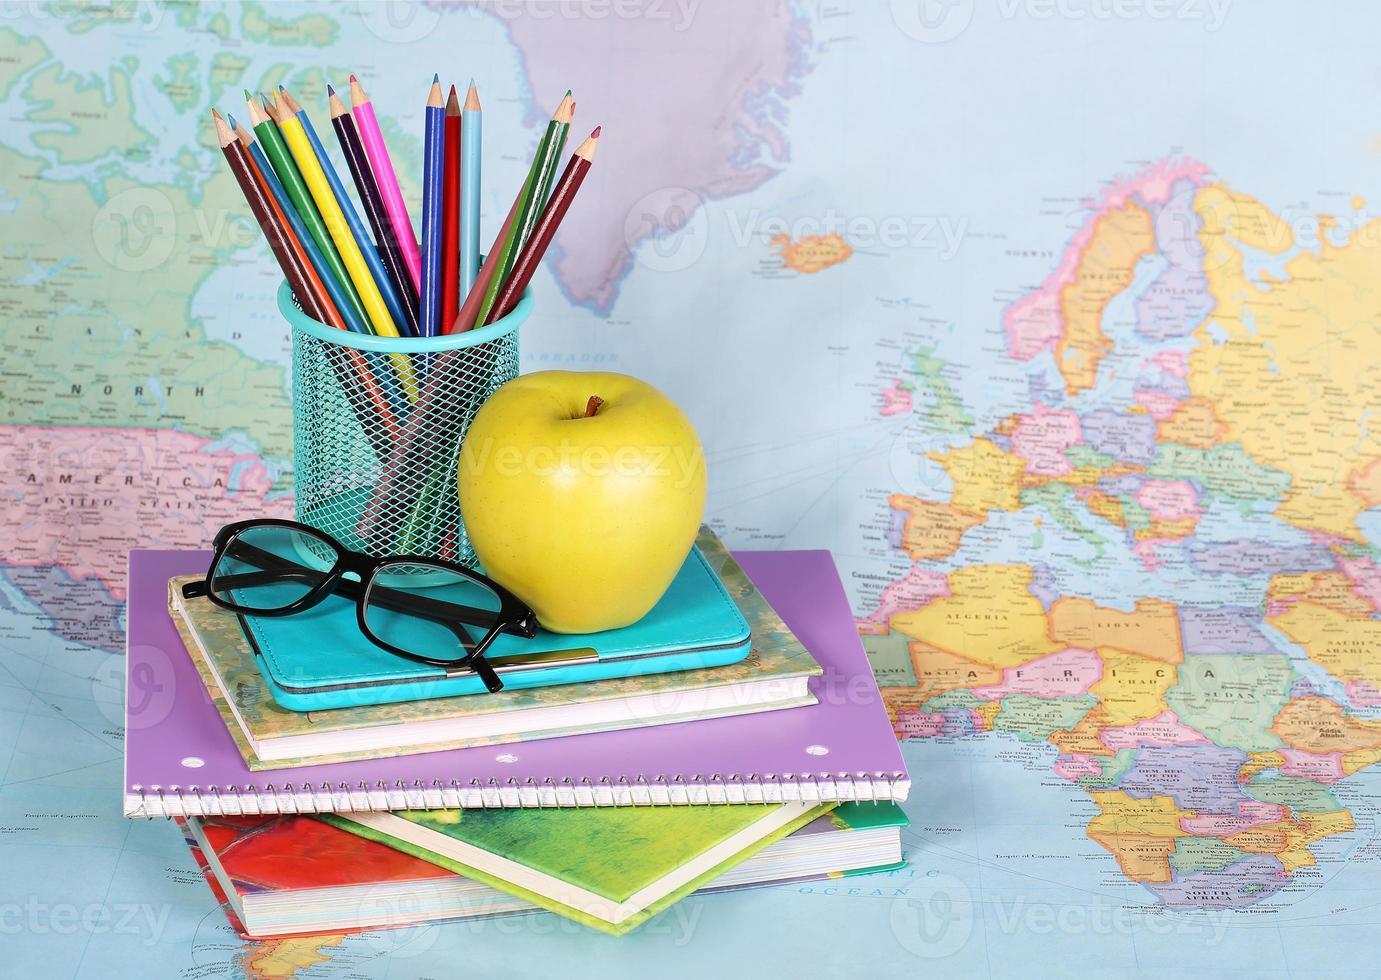 zurück zur Schule. ein Apfel, Bleistifte, Gläser und Bücher foto